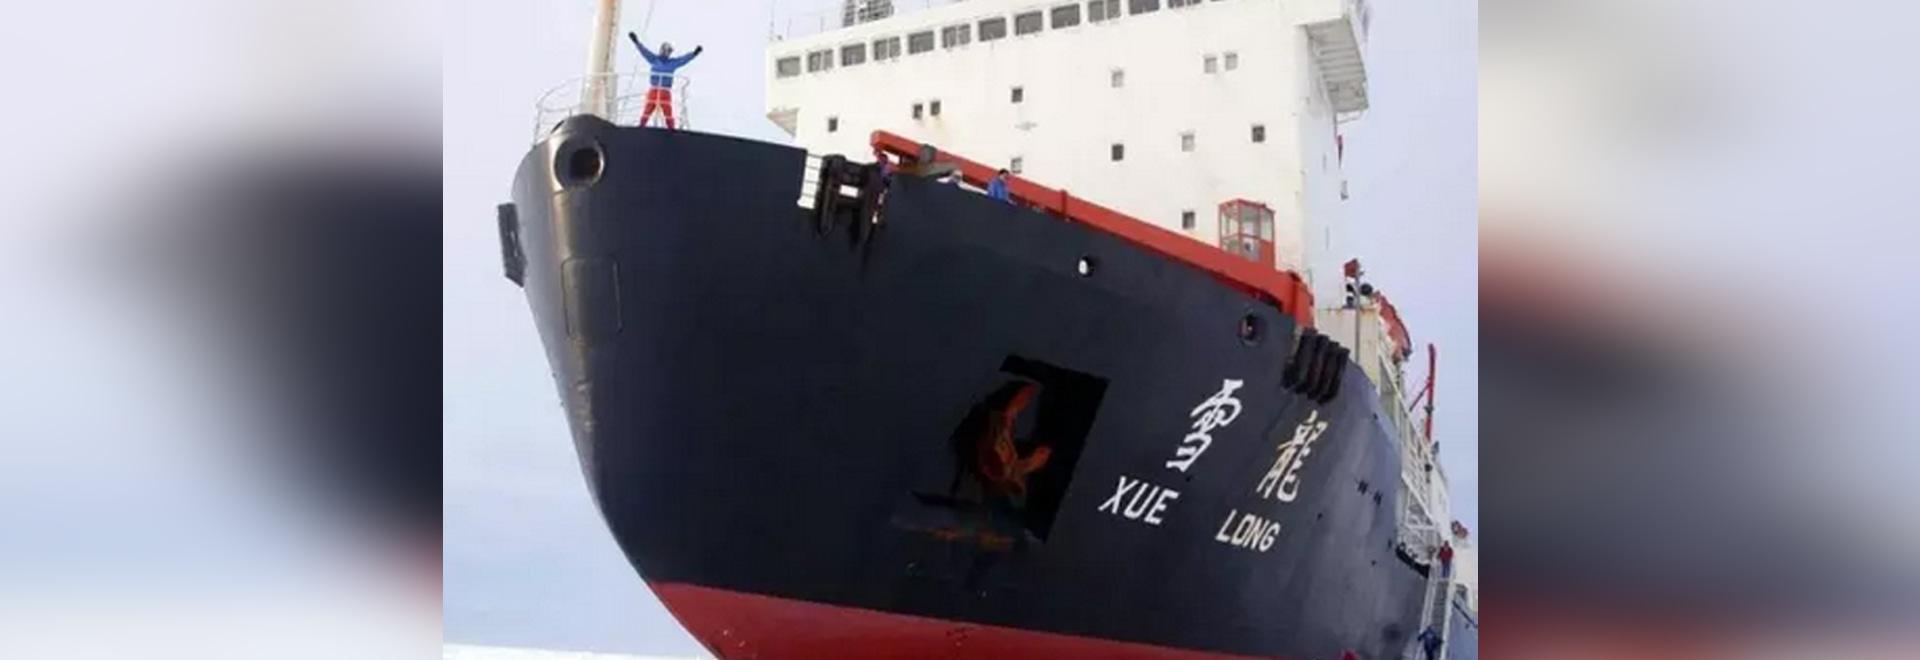 """Goorui-Gebläse mit Polarerforschungsraumfahrzeug """"Chinare"""""""